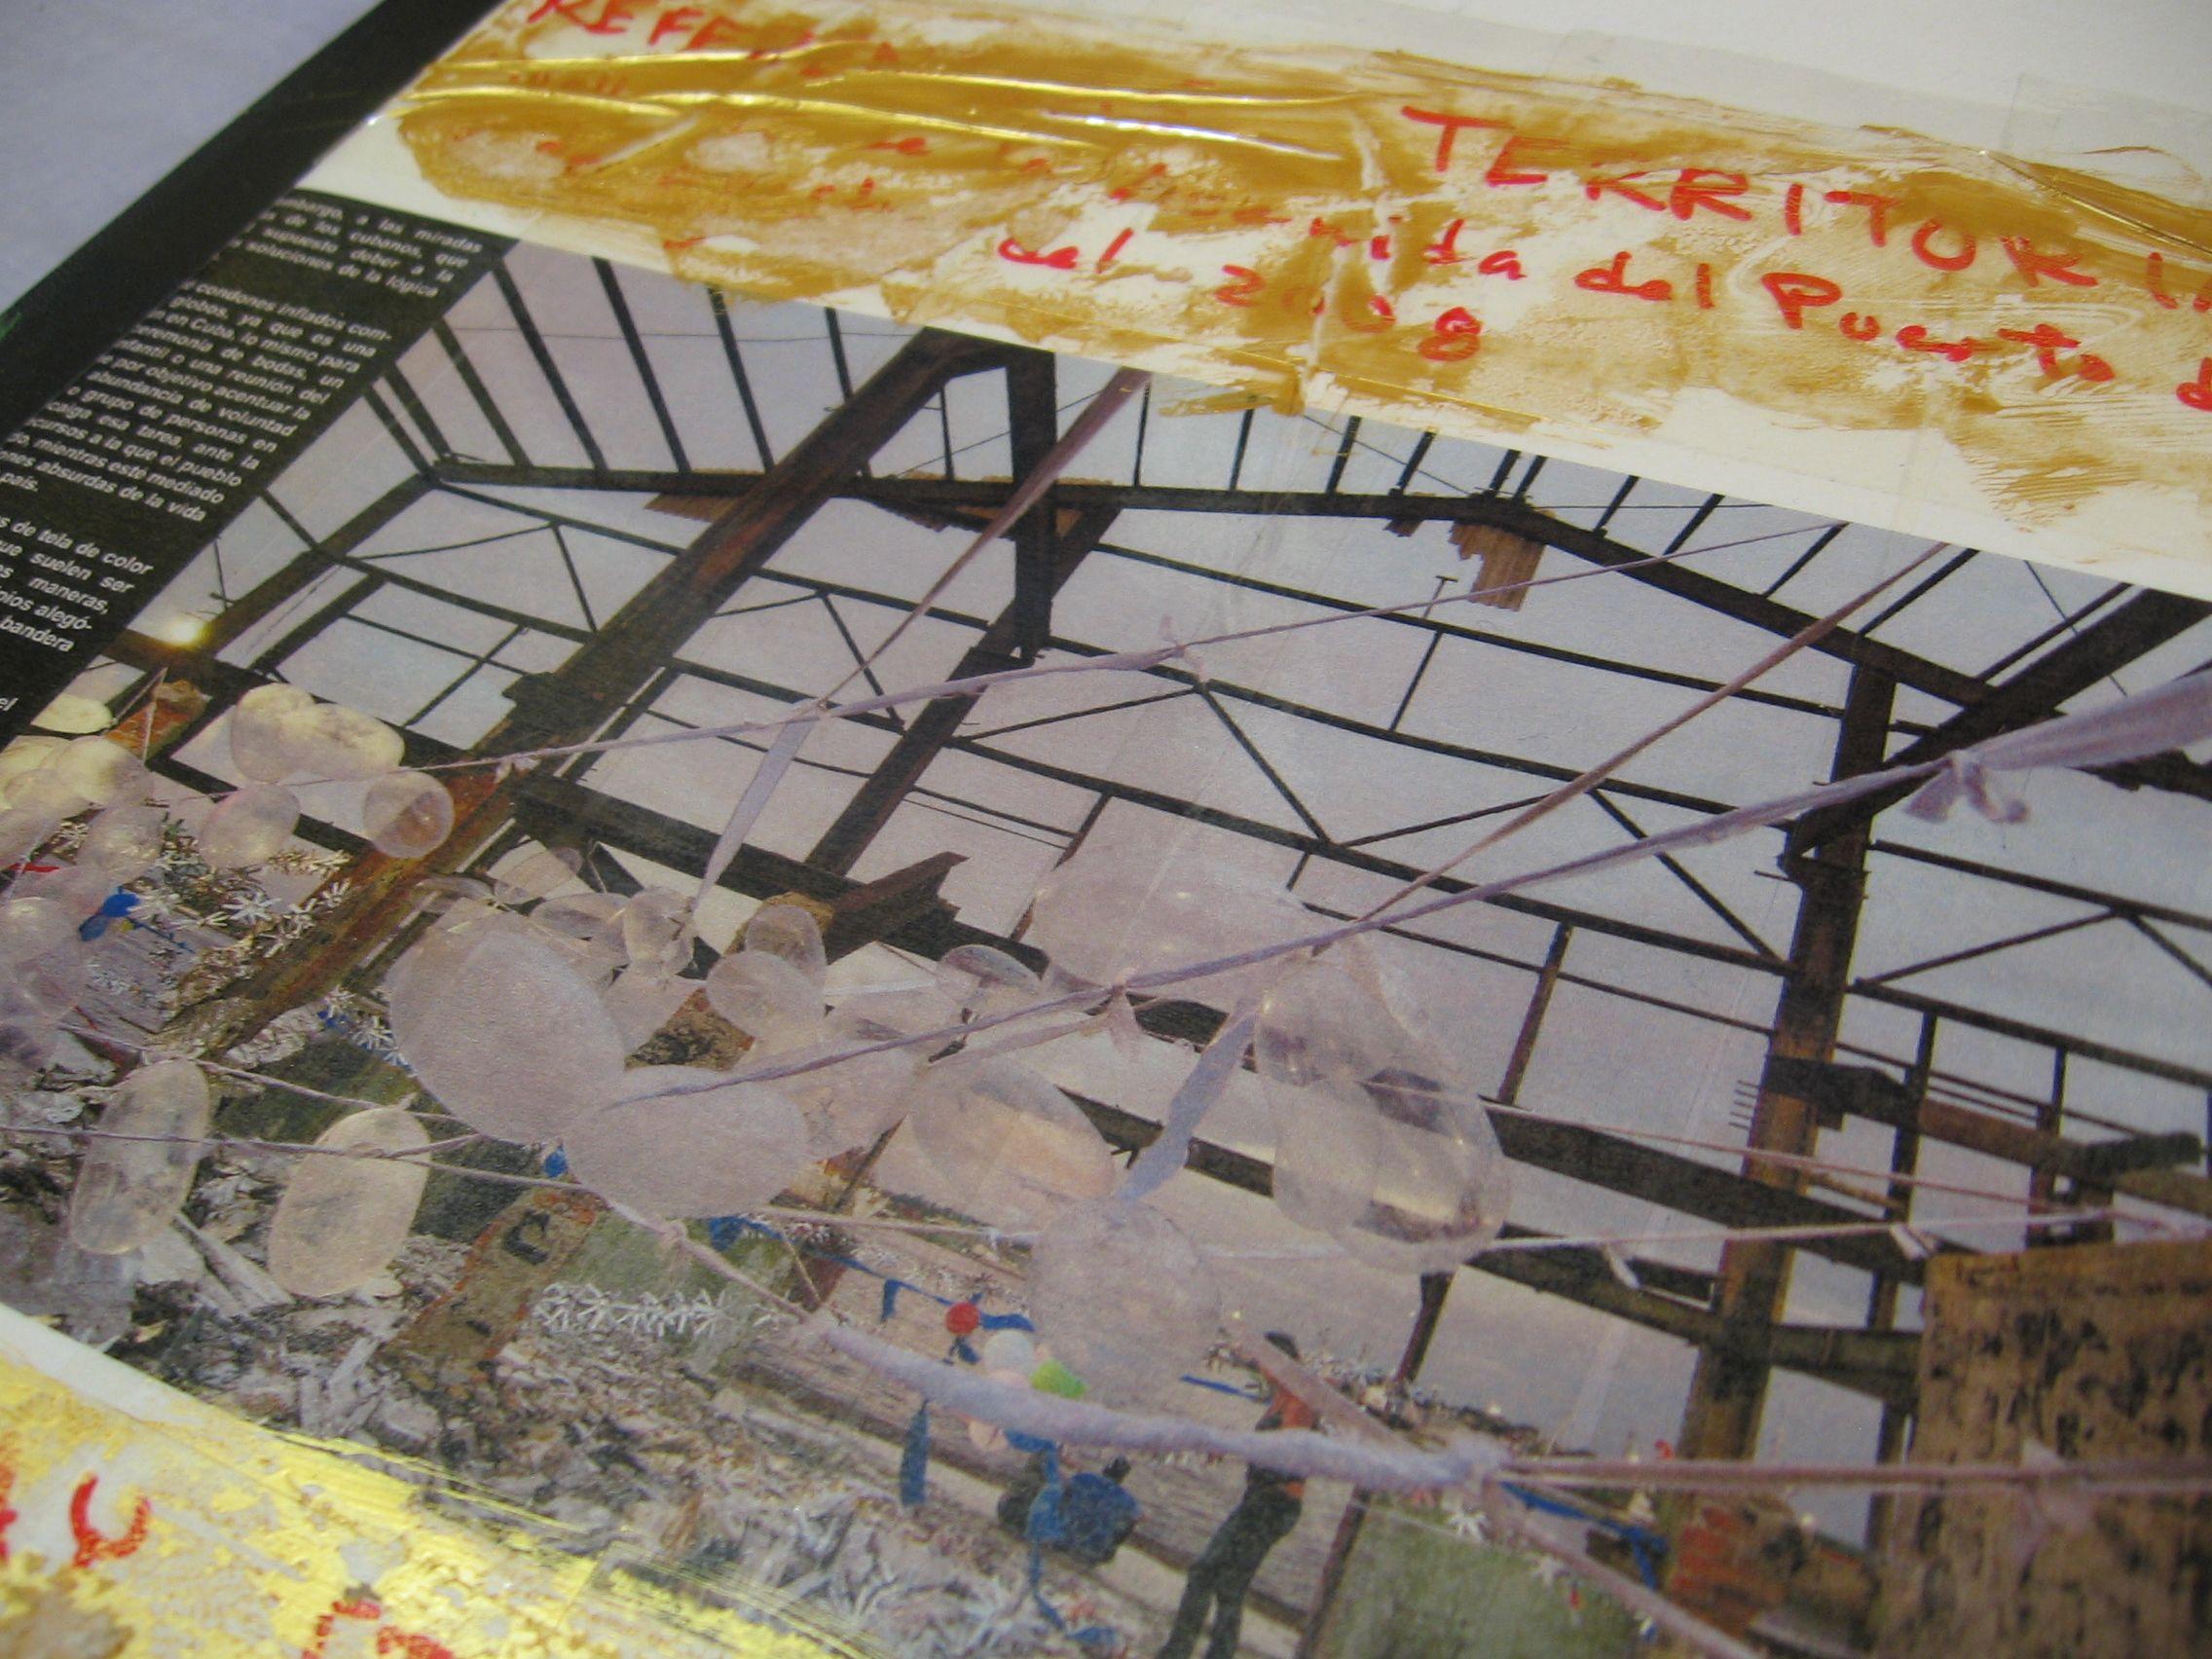 OBRA CATÁLOGO -LIBRO-OBJETO. Galería fotográfica. 2009